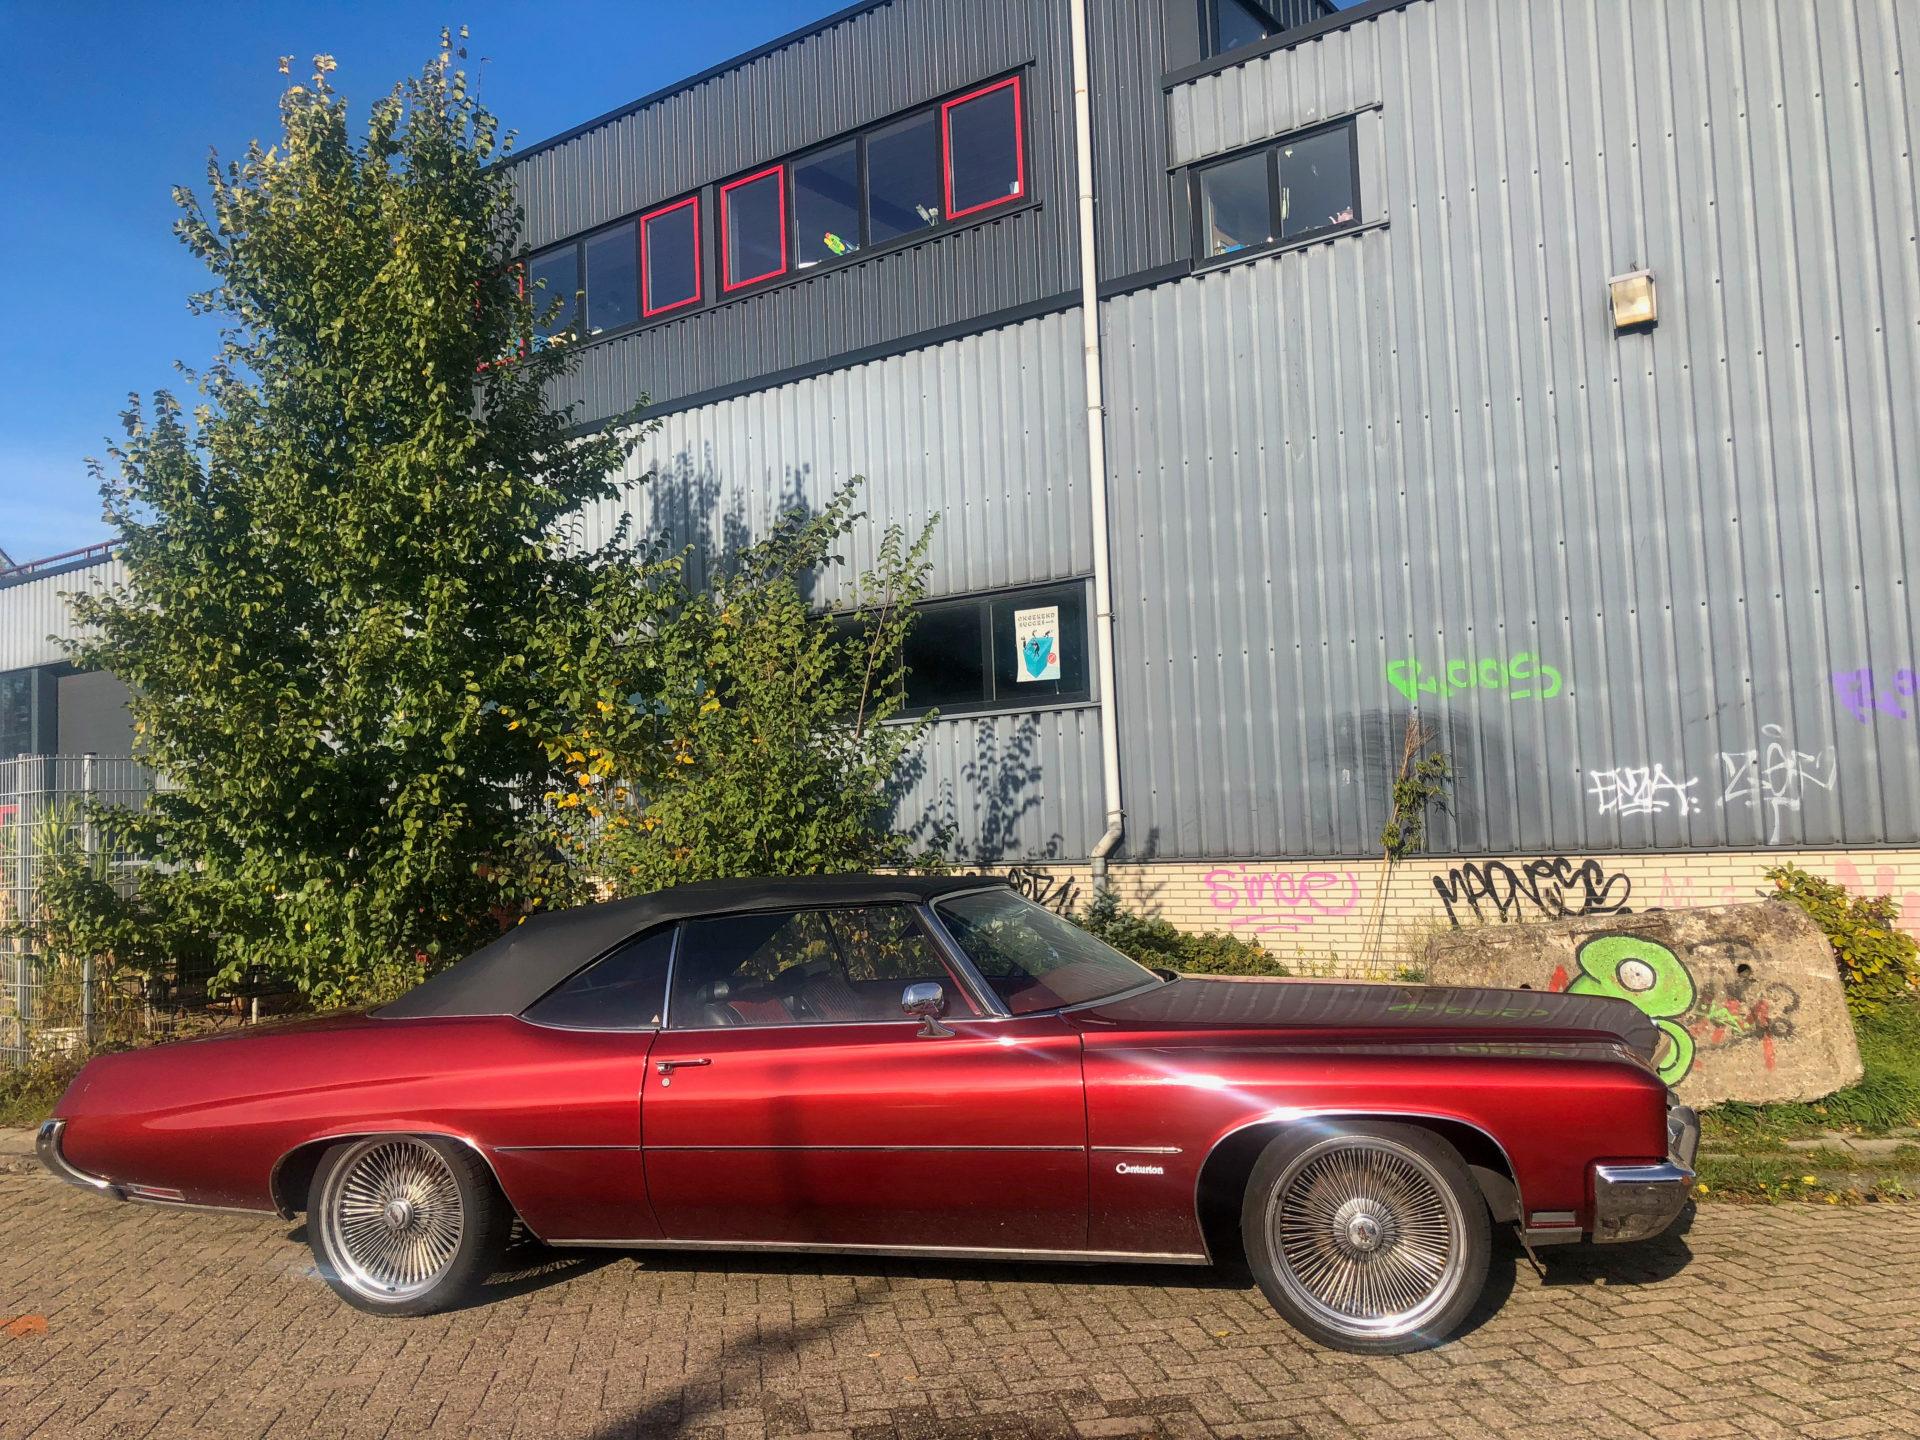 Vintage Buick Oldtimer im coolsten Viertel von Amsterdam